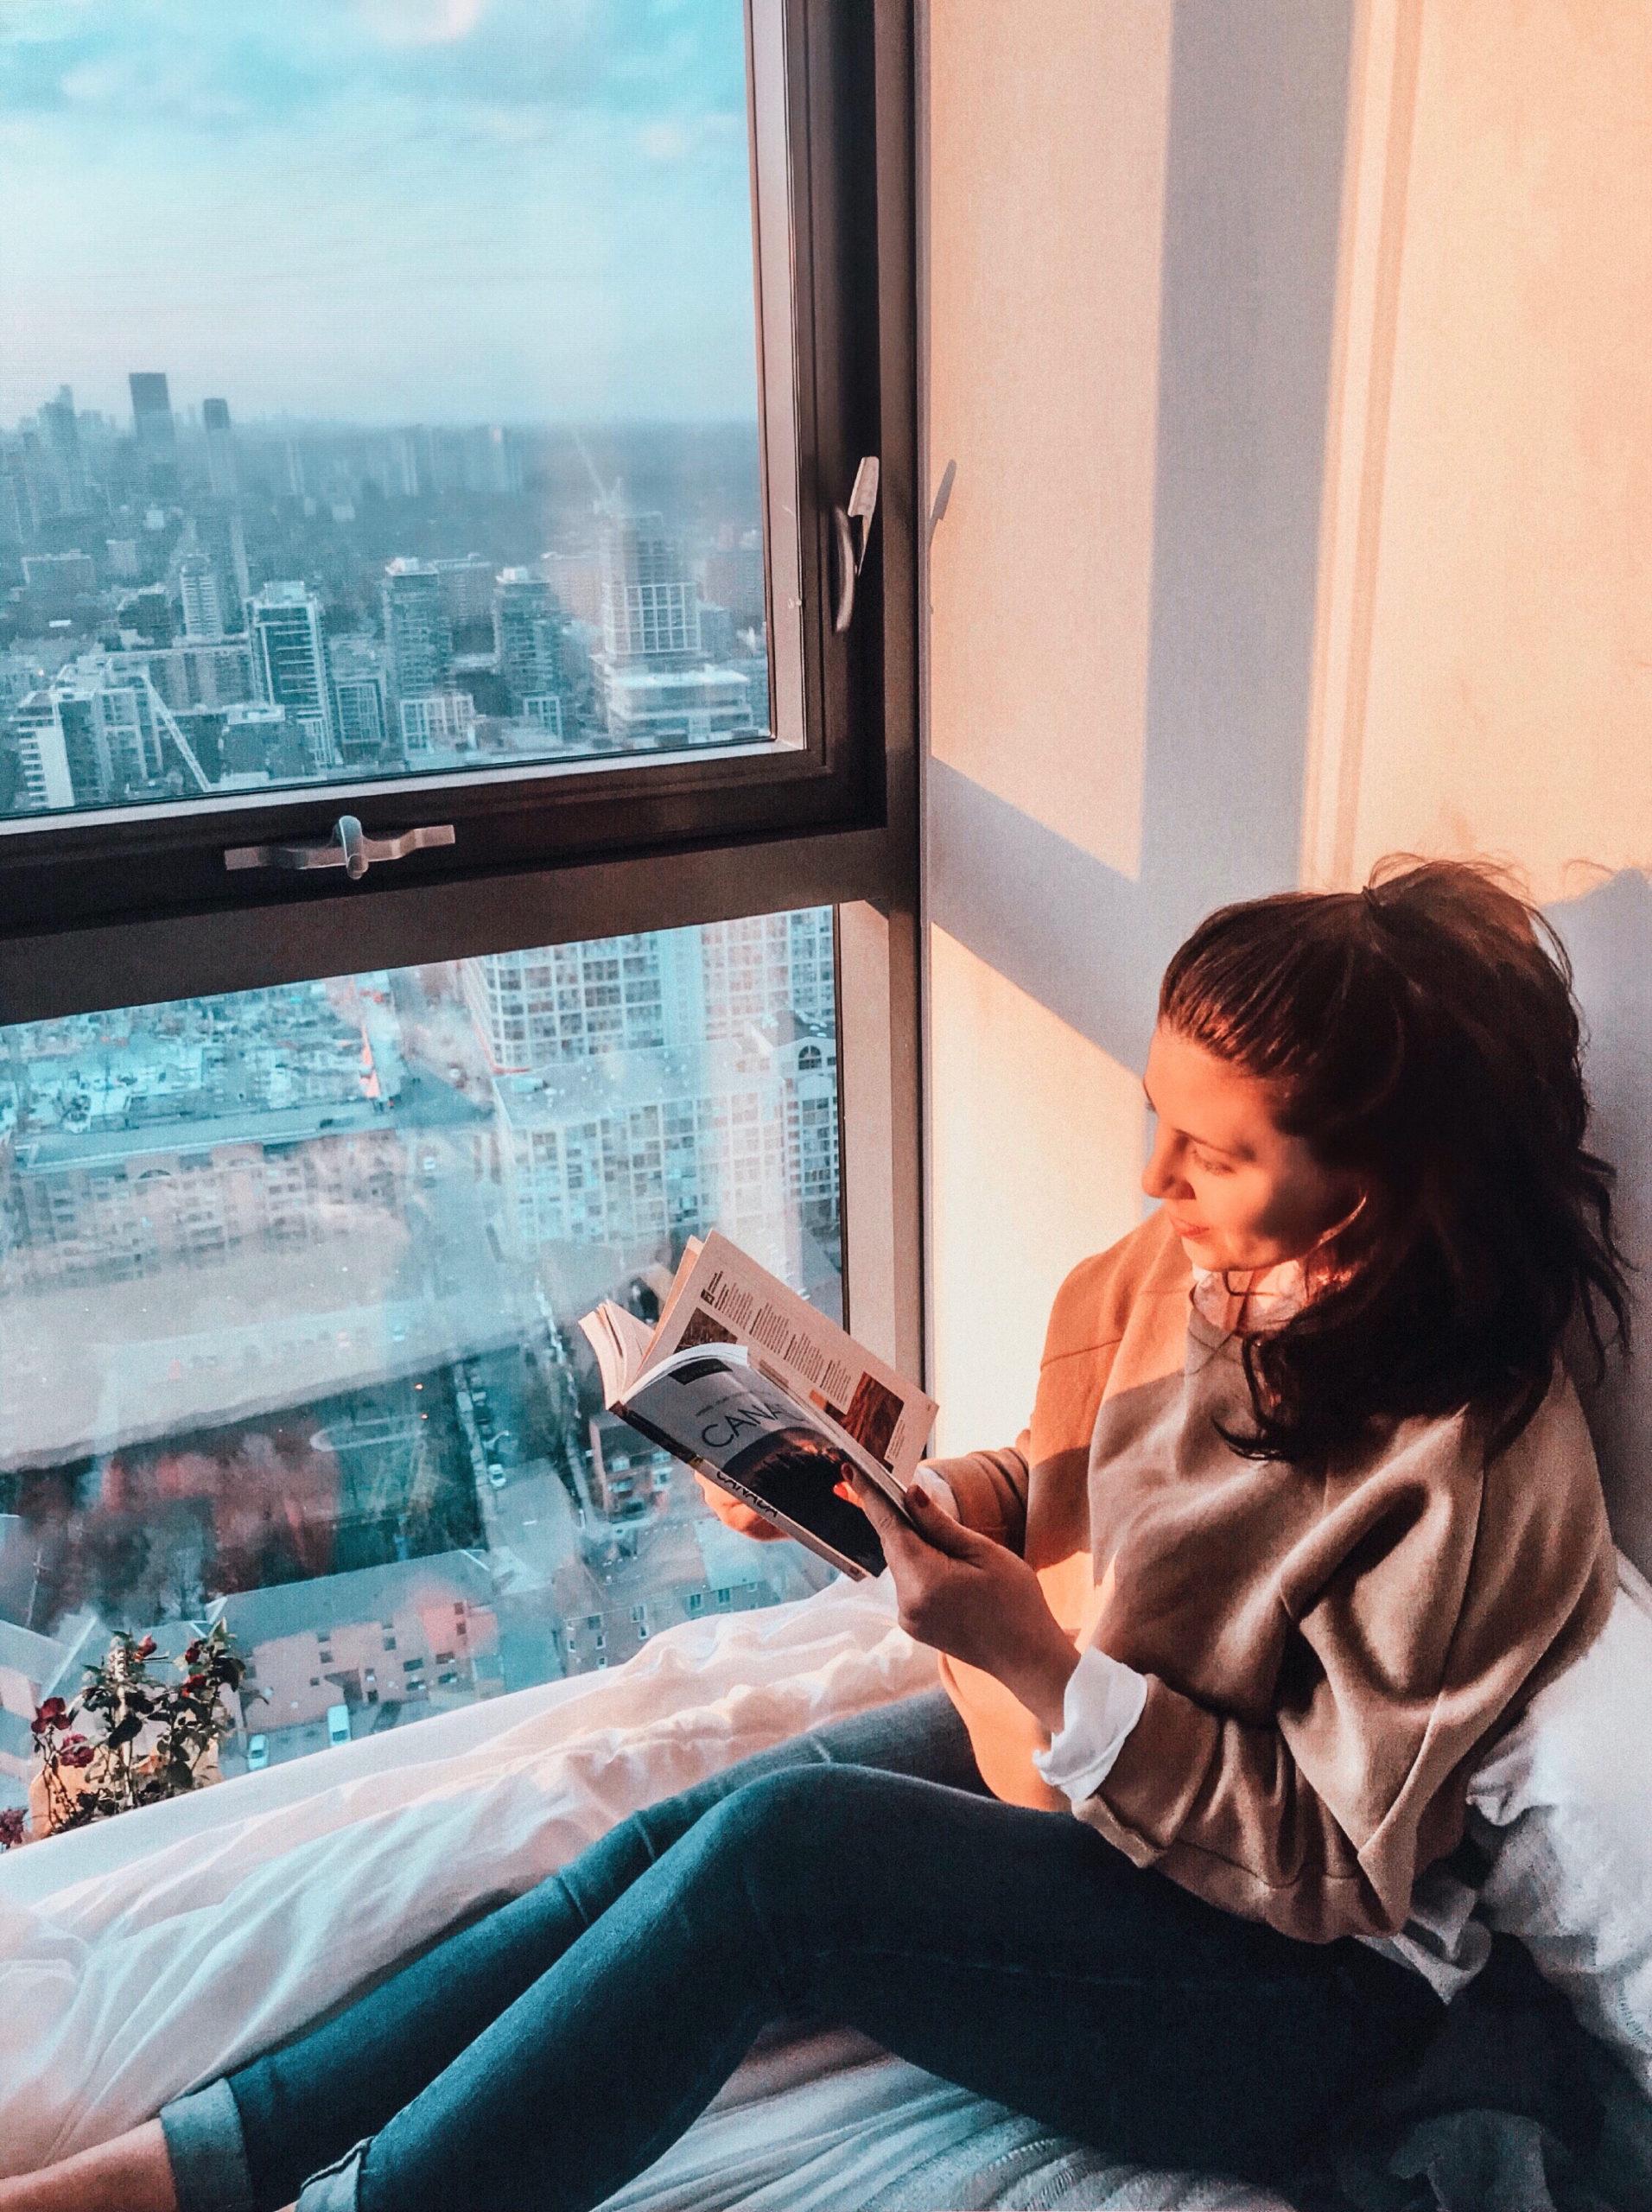 Hélène lit un guide touristique du Canada